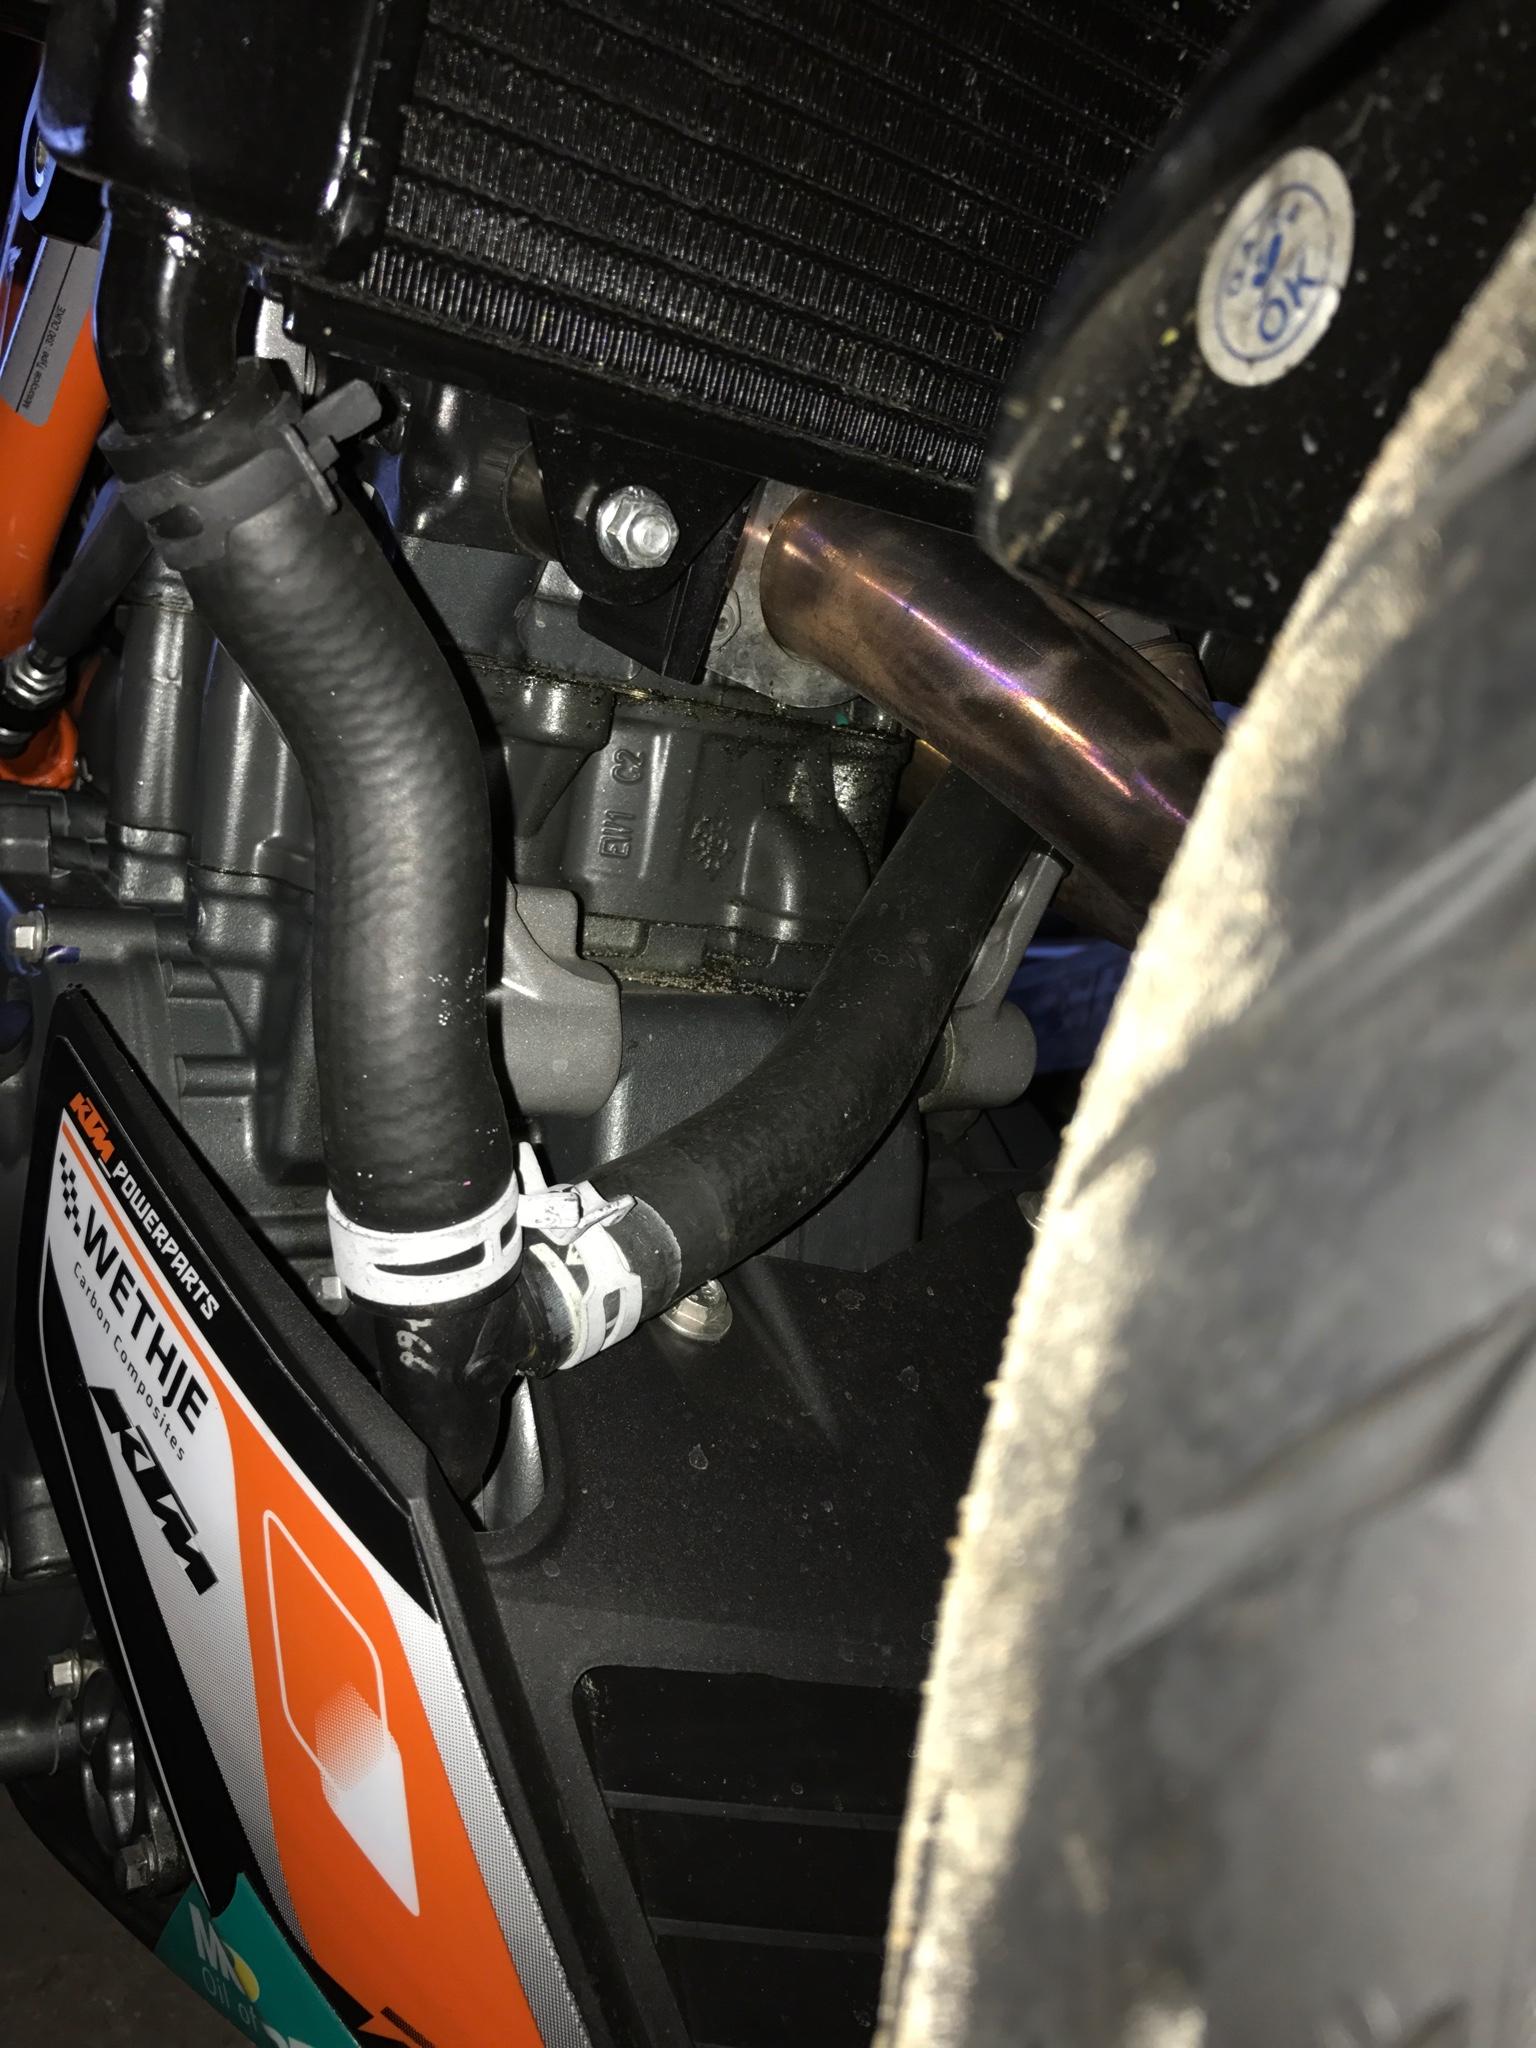 Oil leaking, help! - KTM Duke 390 Forum